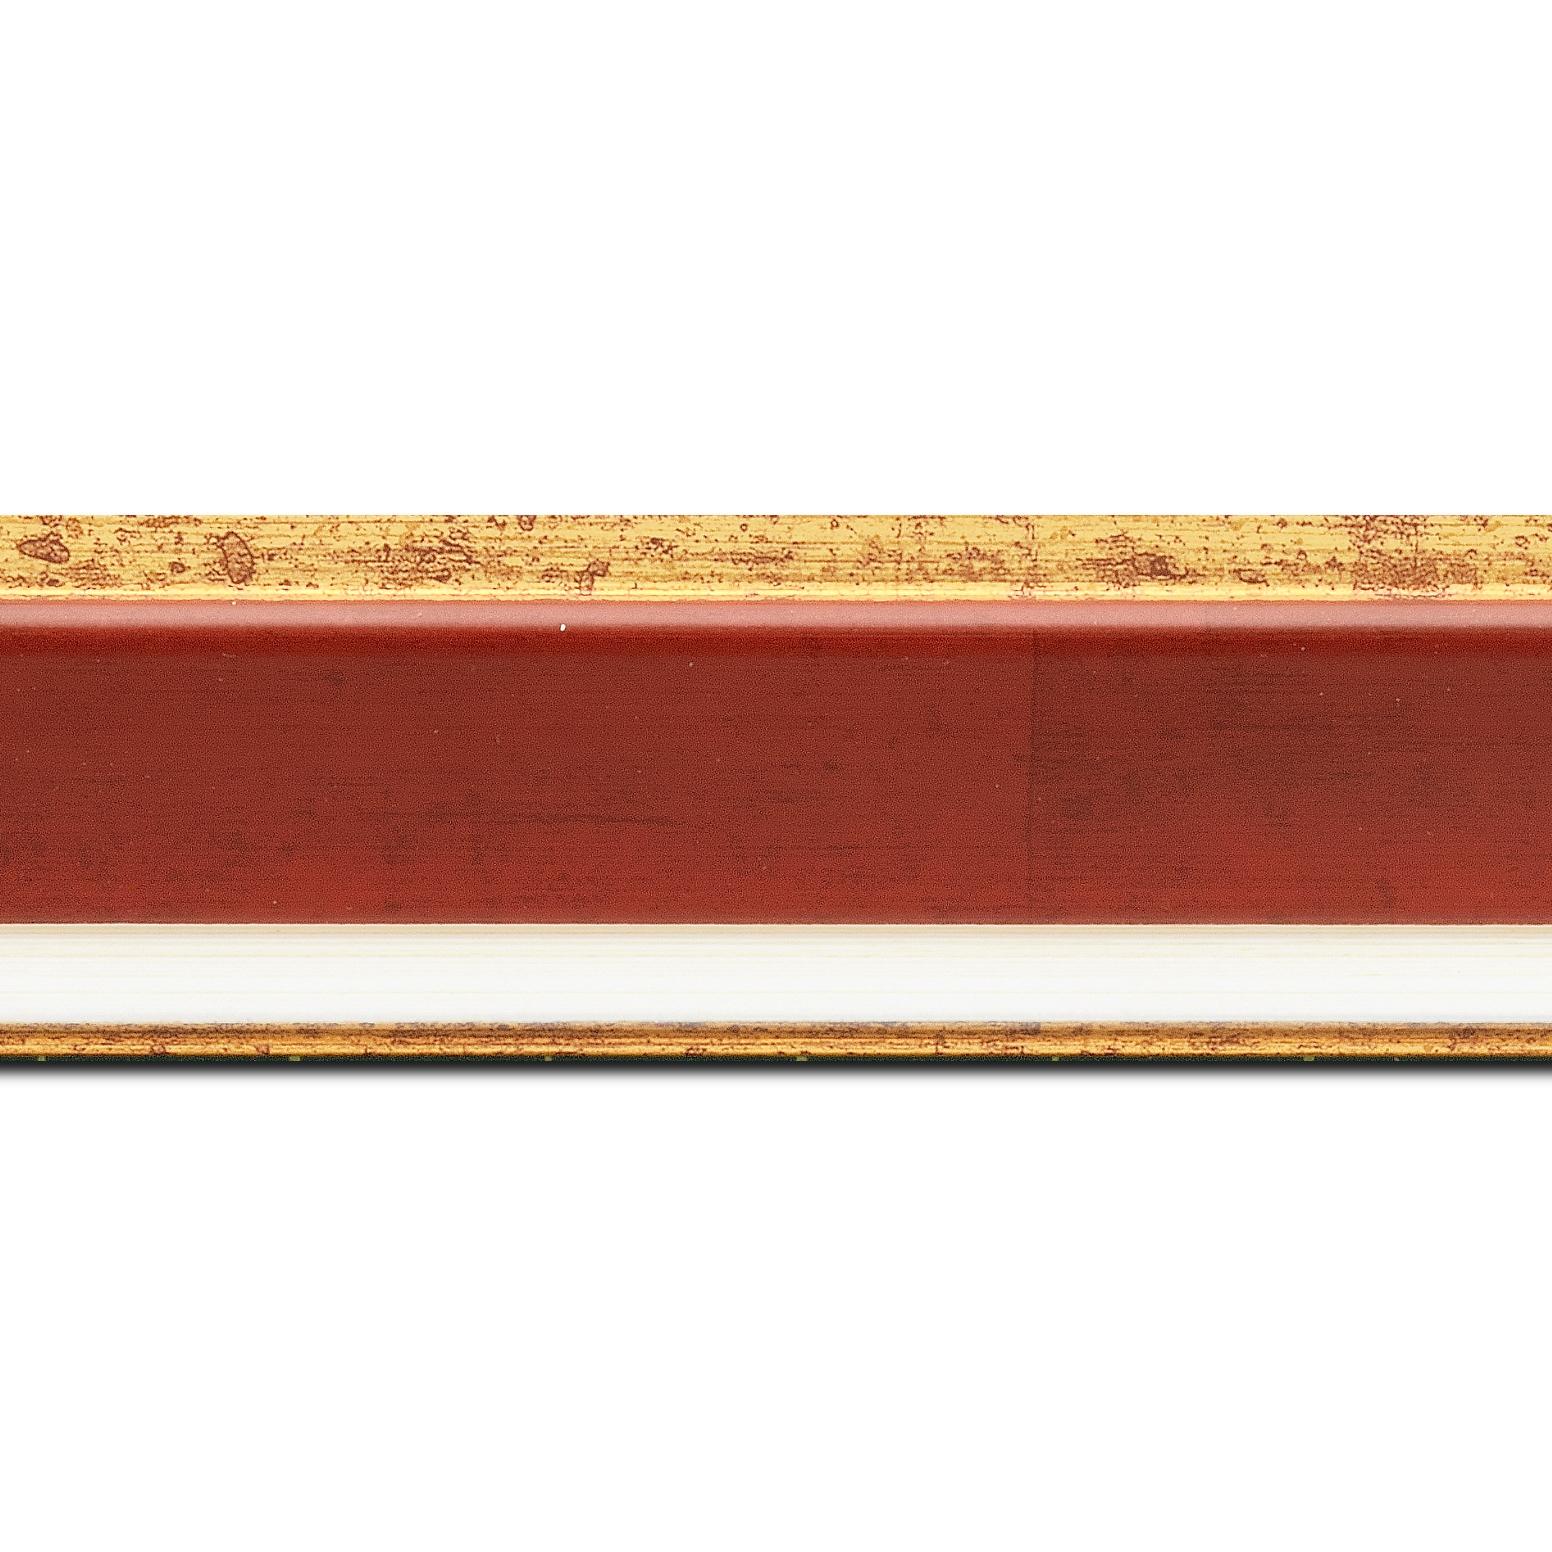 Baguette longueur 1.40m bois profil incliné largeur 5.4cm couleur bordeaux marie louise crème filet or intégrée